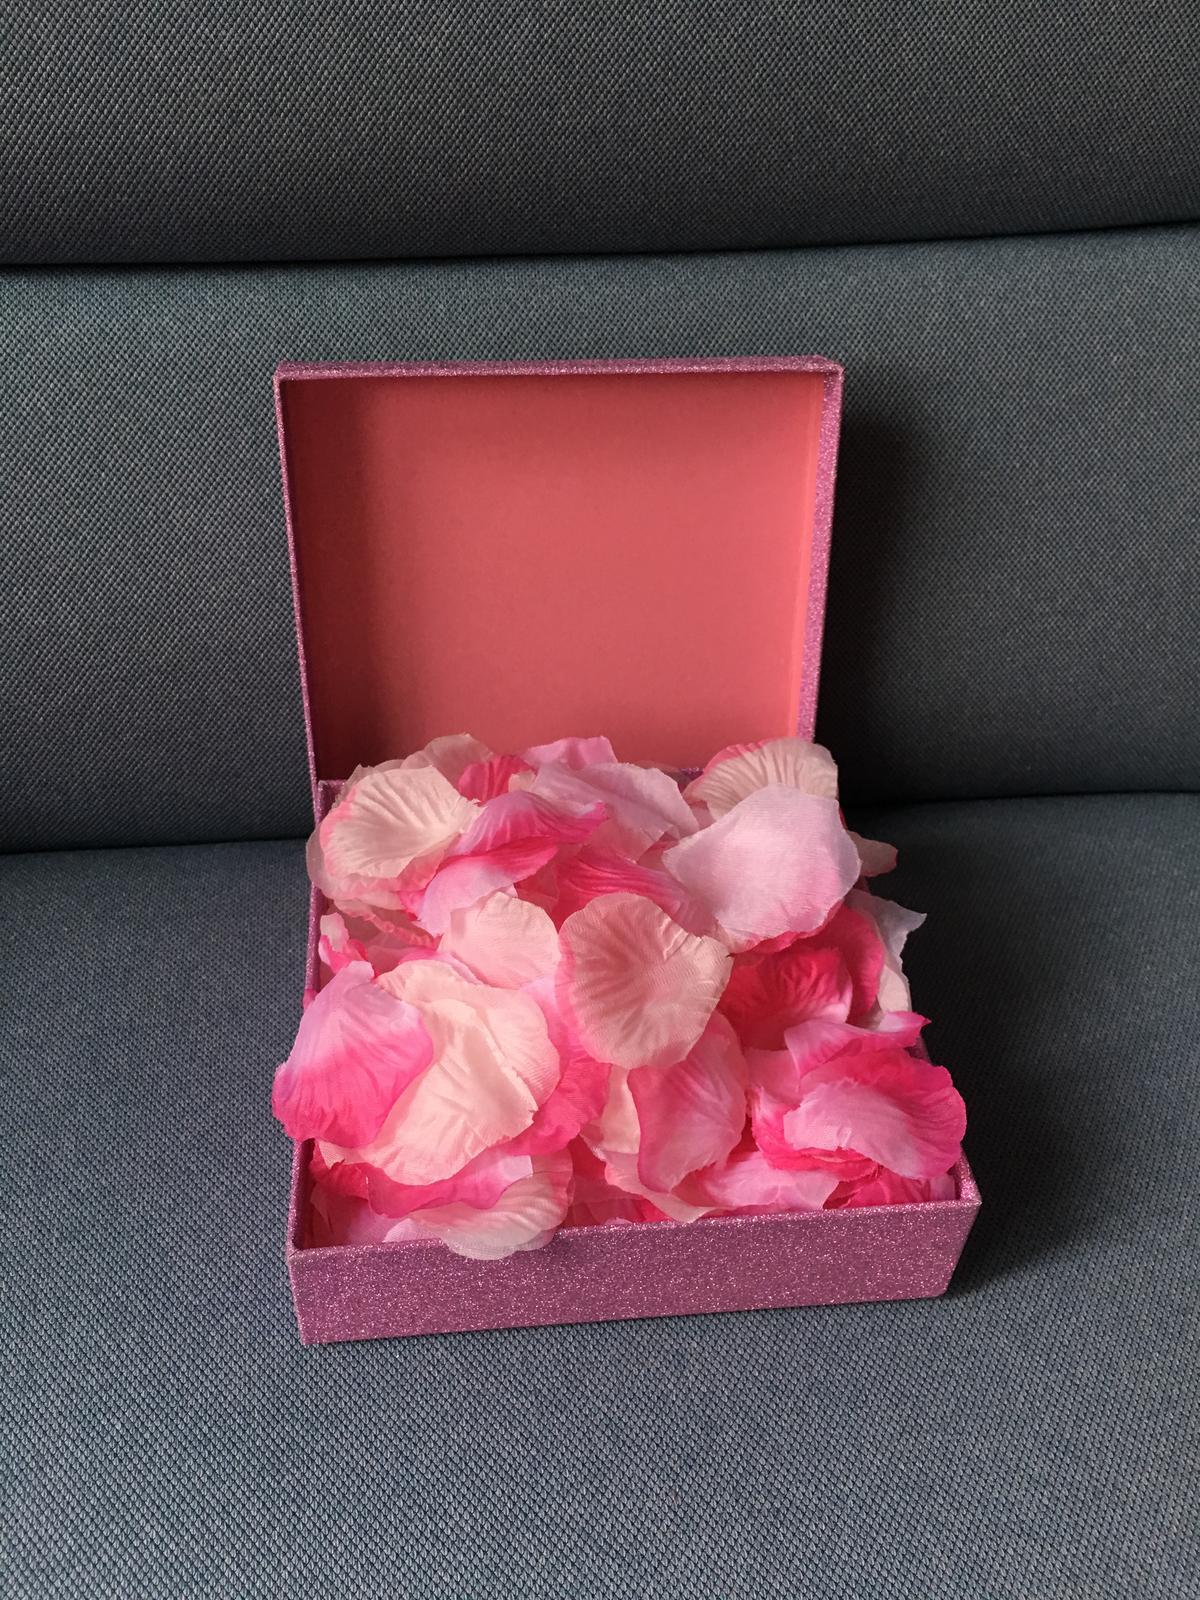 Bílo-růžové plátky růží (mix) - Obrázek č. 2